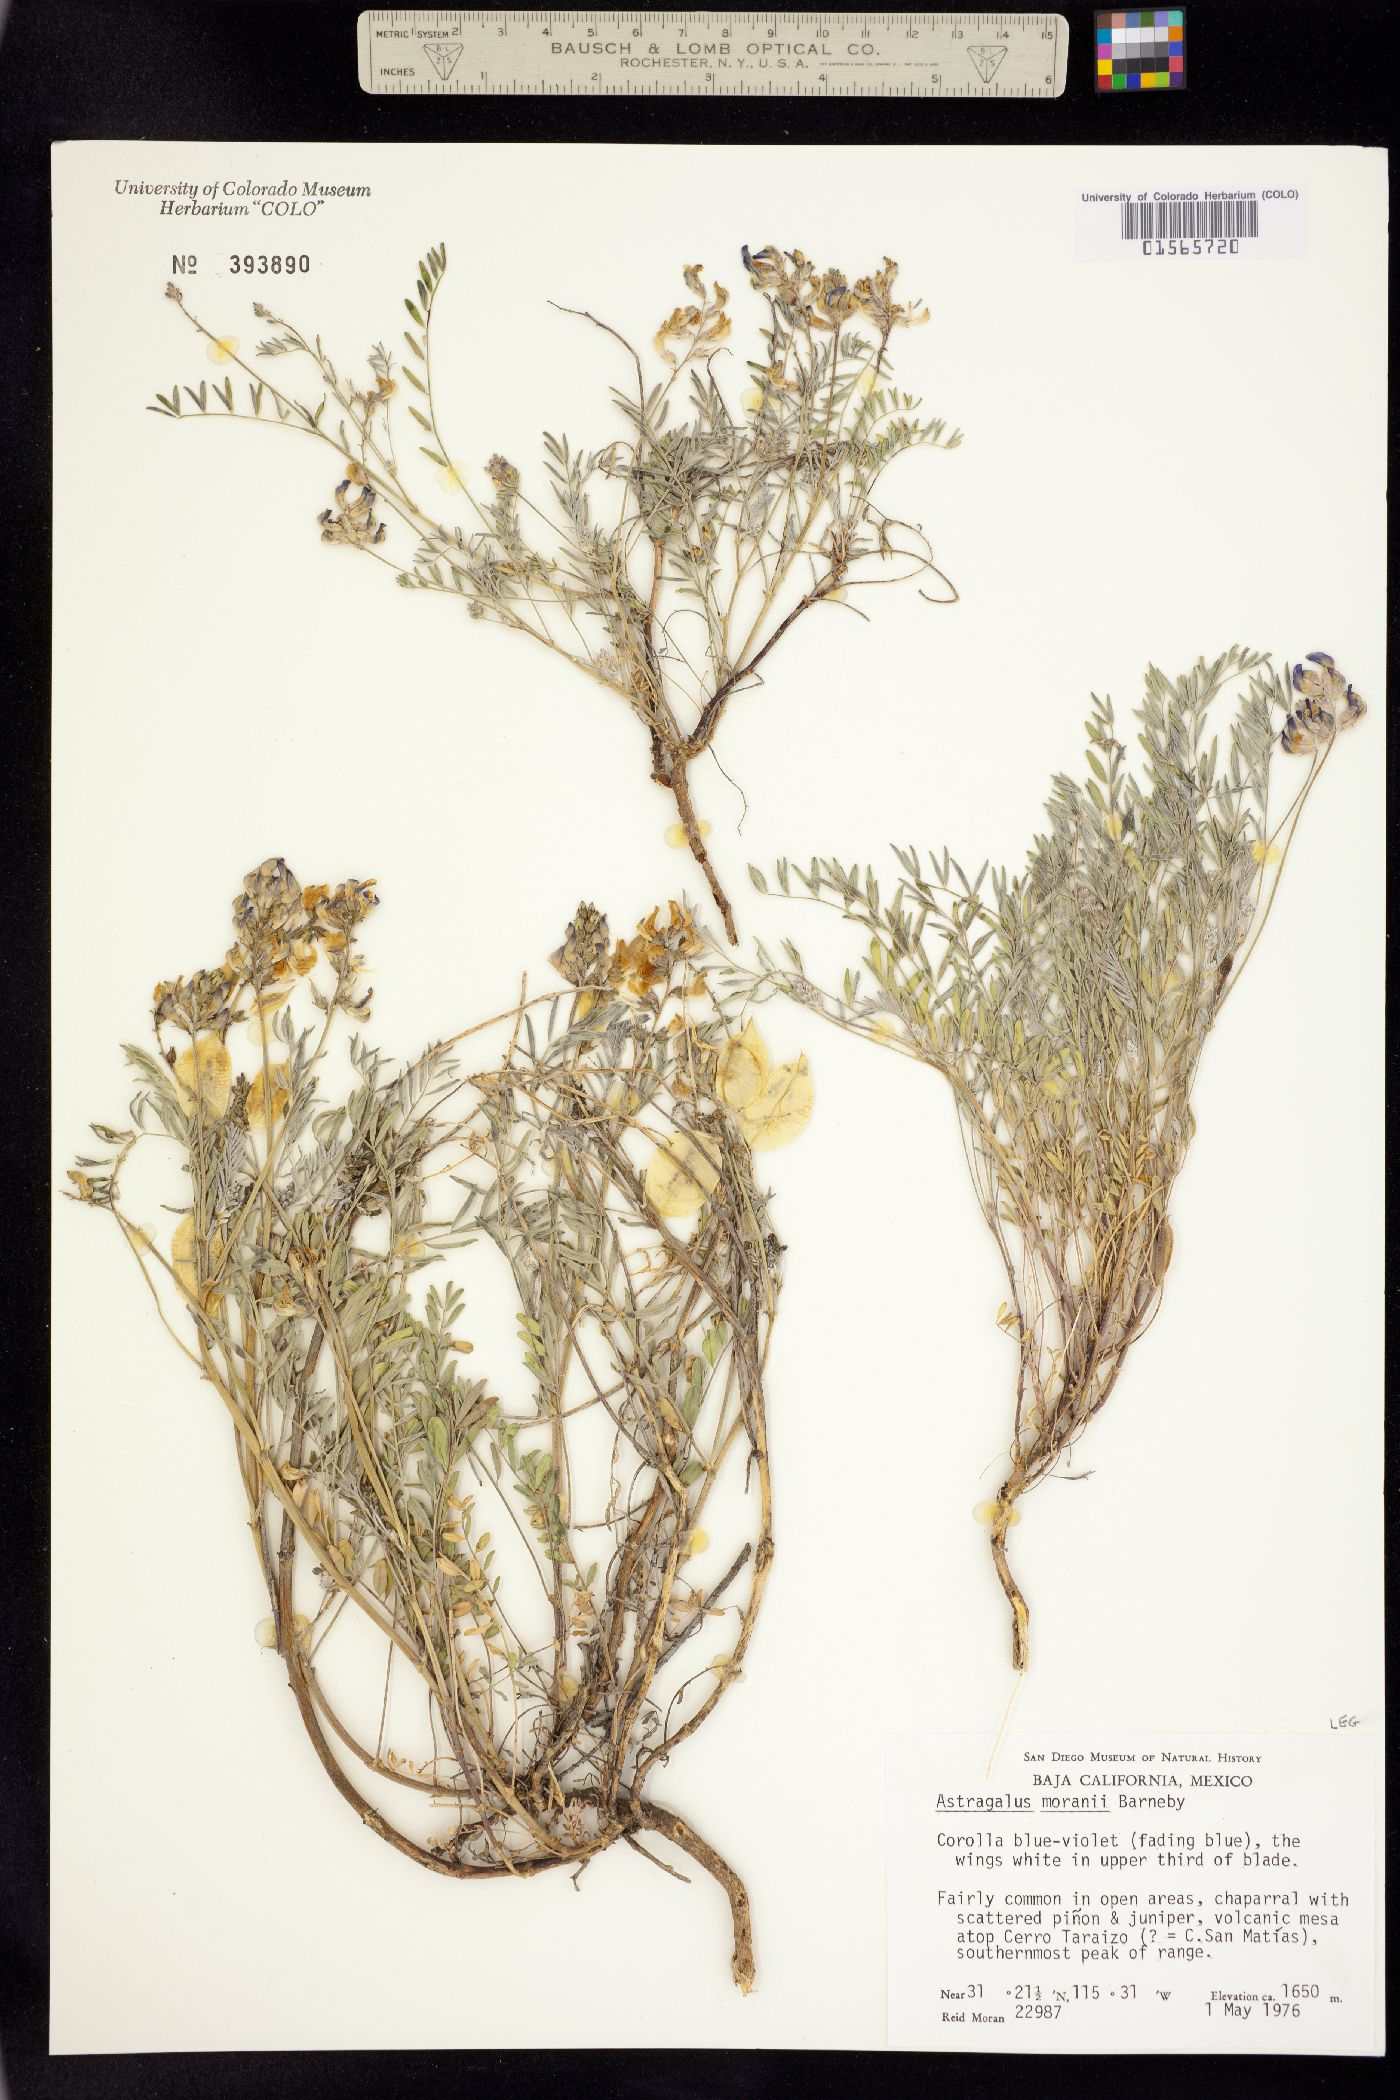 Astragalus moranii image